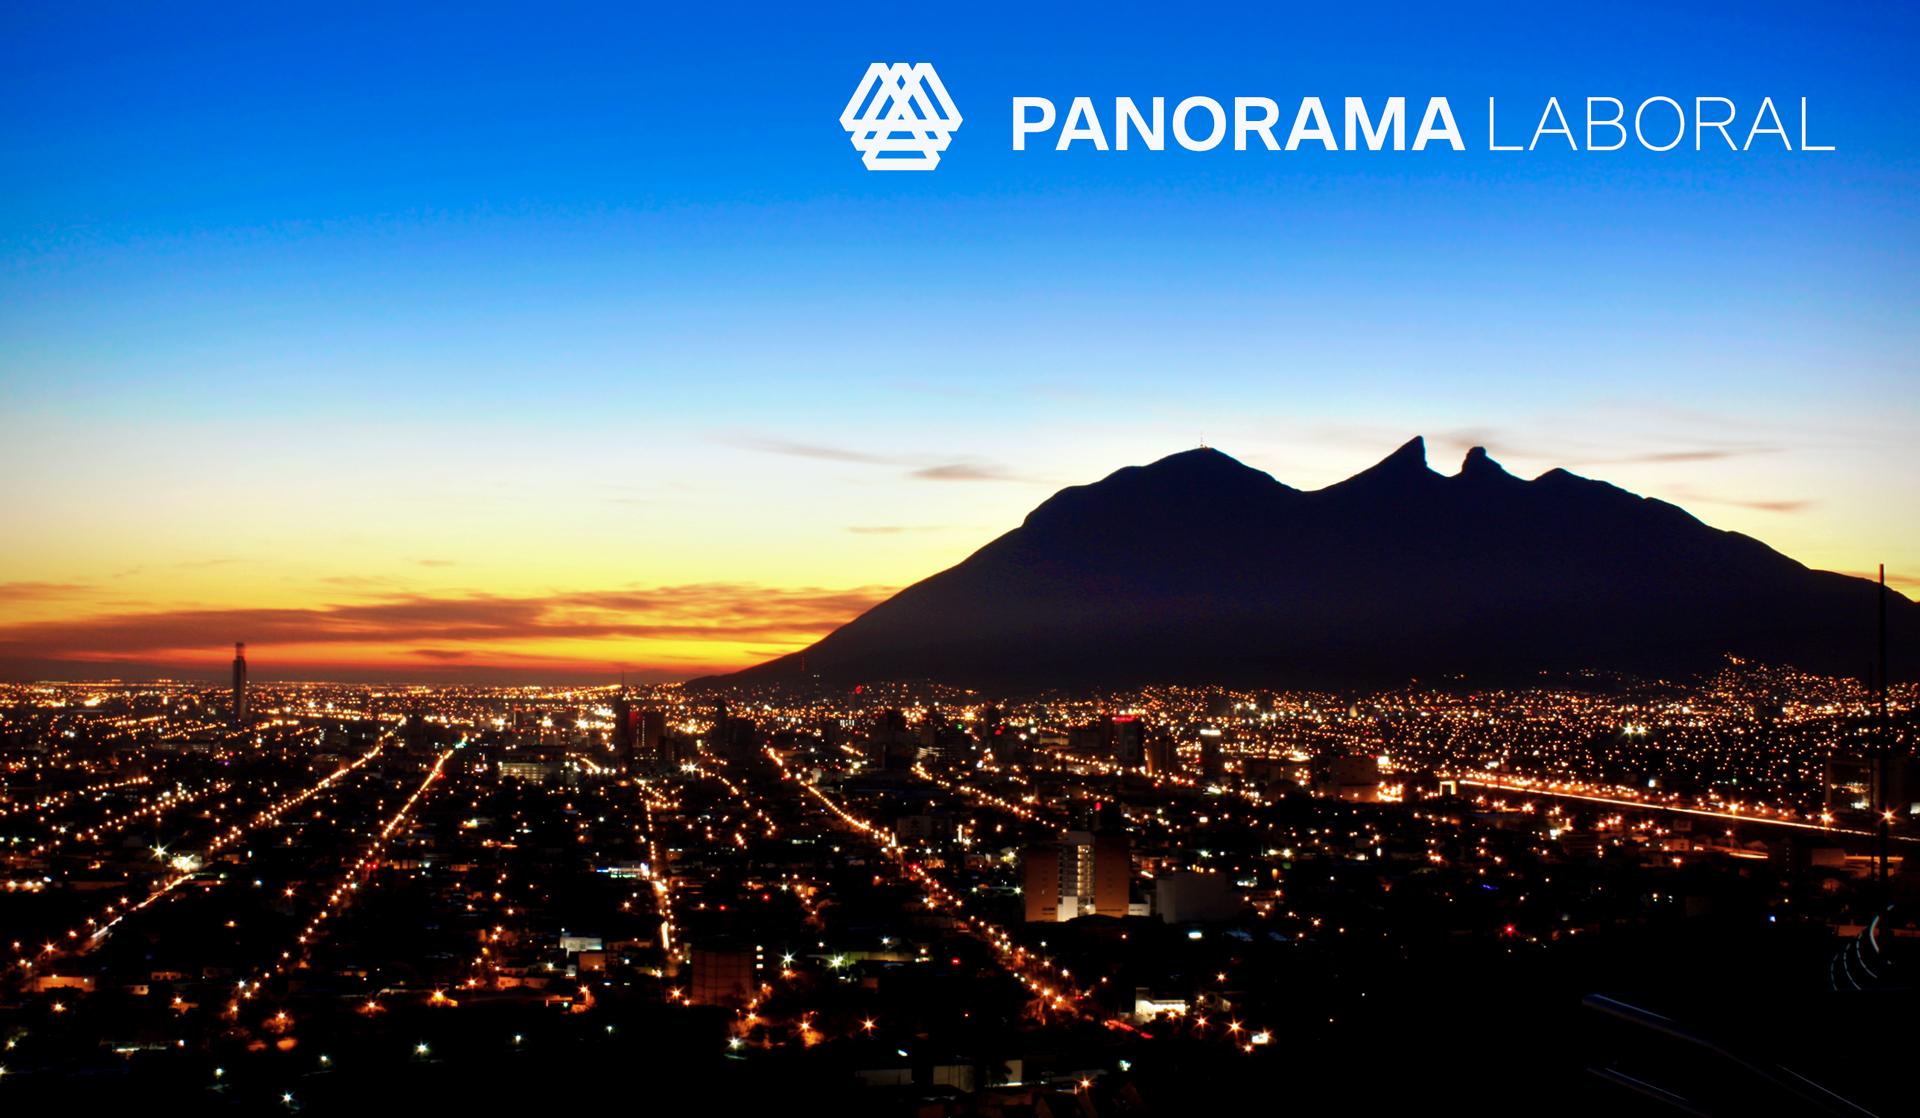 En este nuevo Panorama Laboral, Nuevo León se encuentra en alza de trabajos mientras que la 3ra ola de COVID-19  amenaza los avances que ha tenido el mercado laboral.